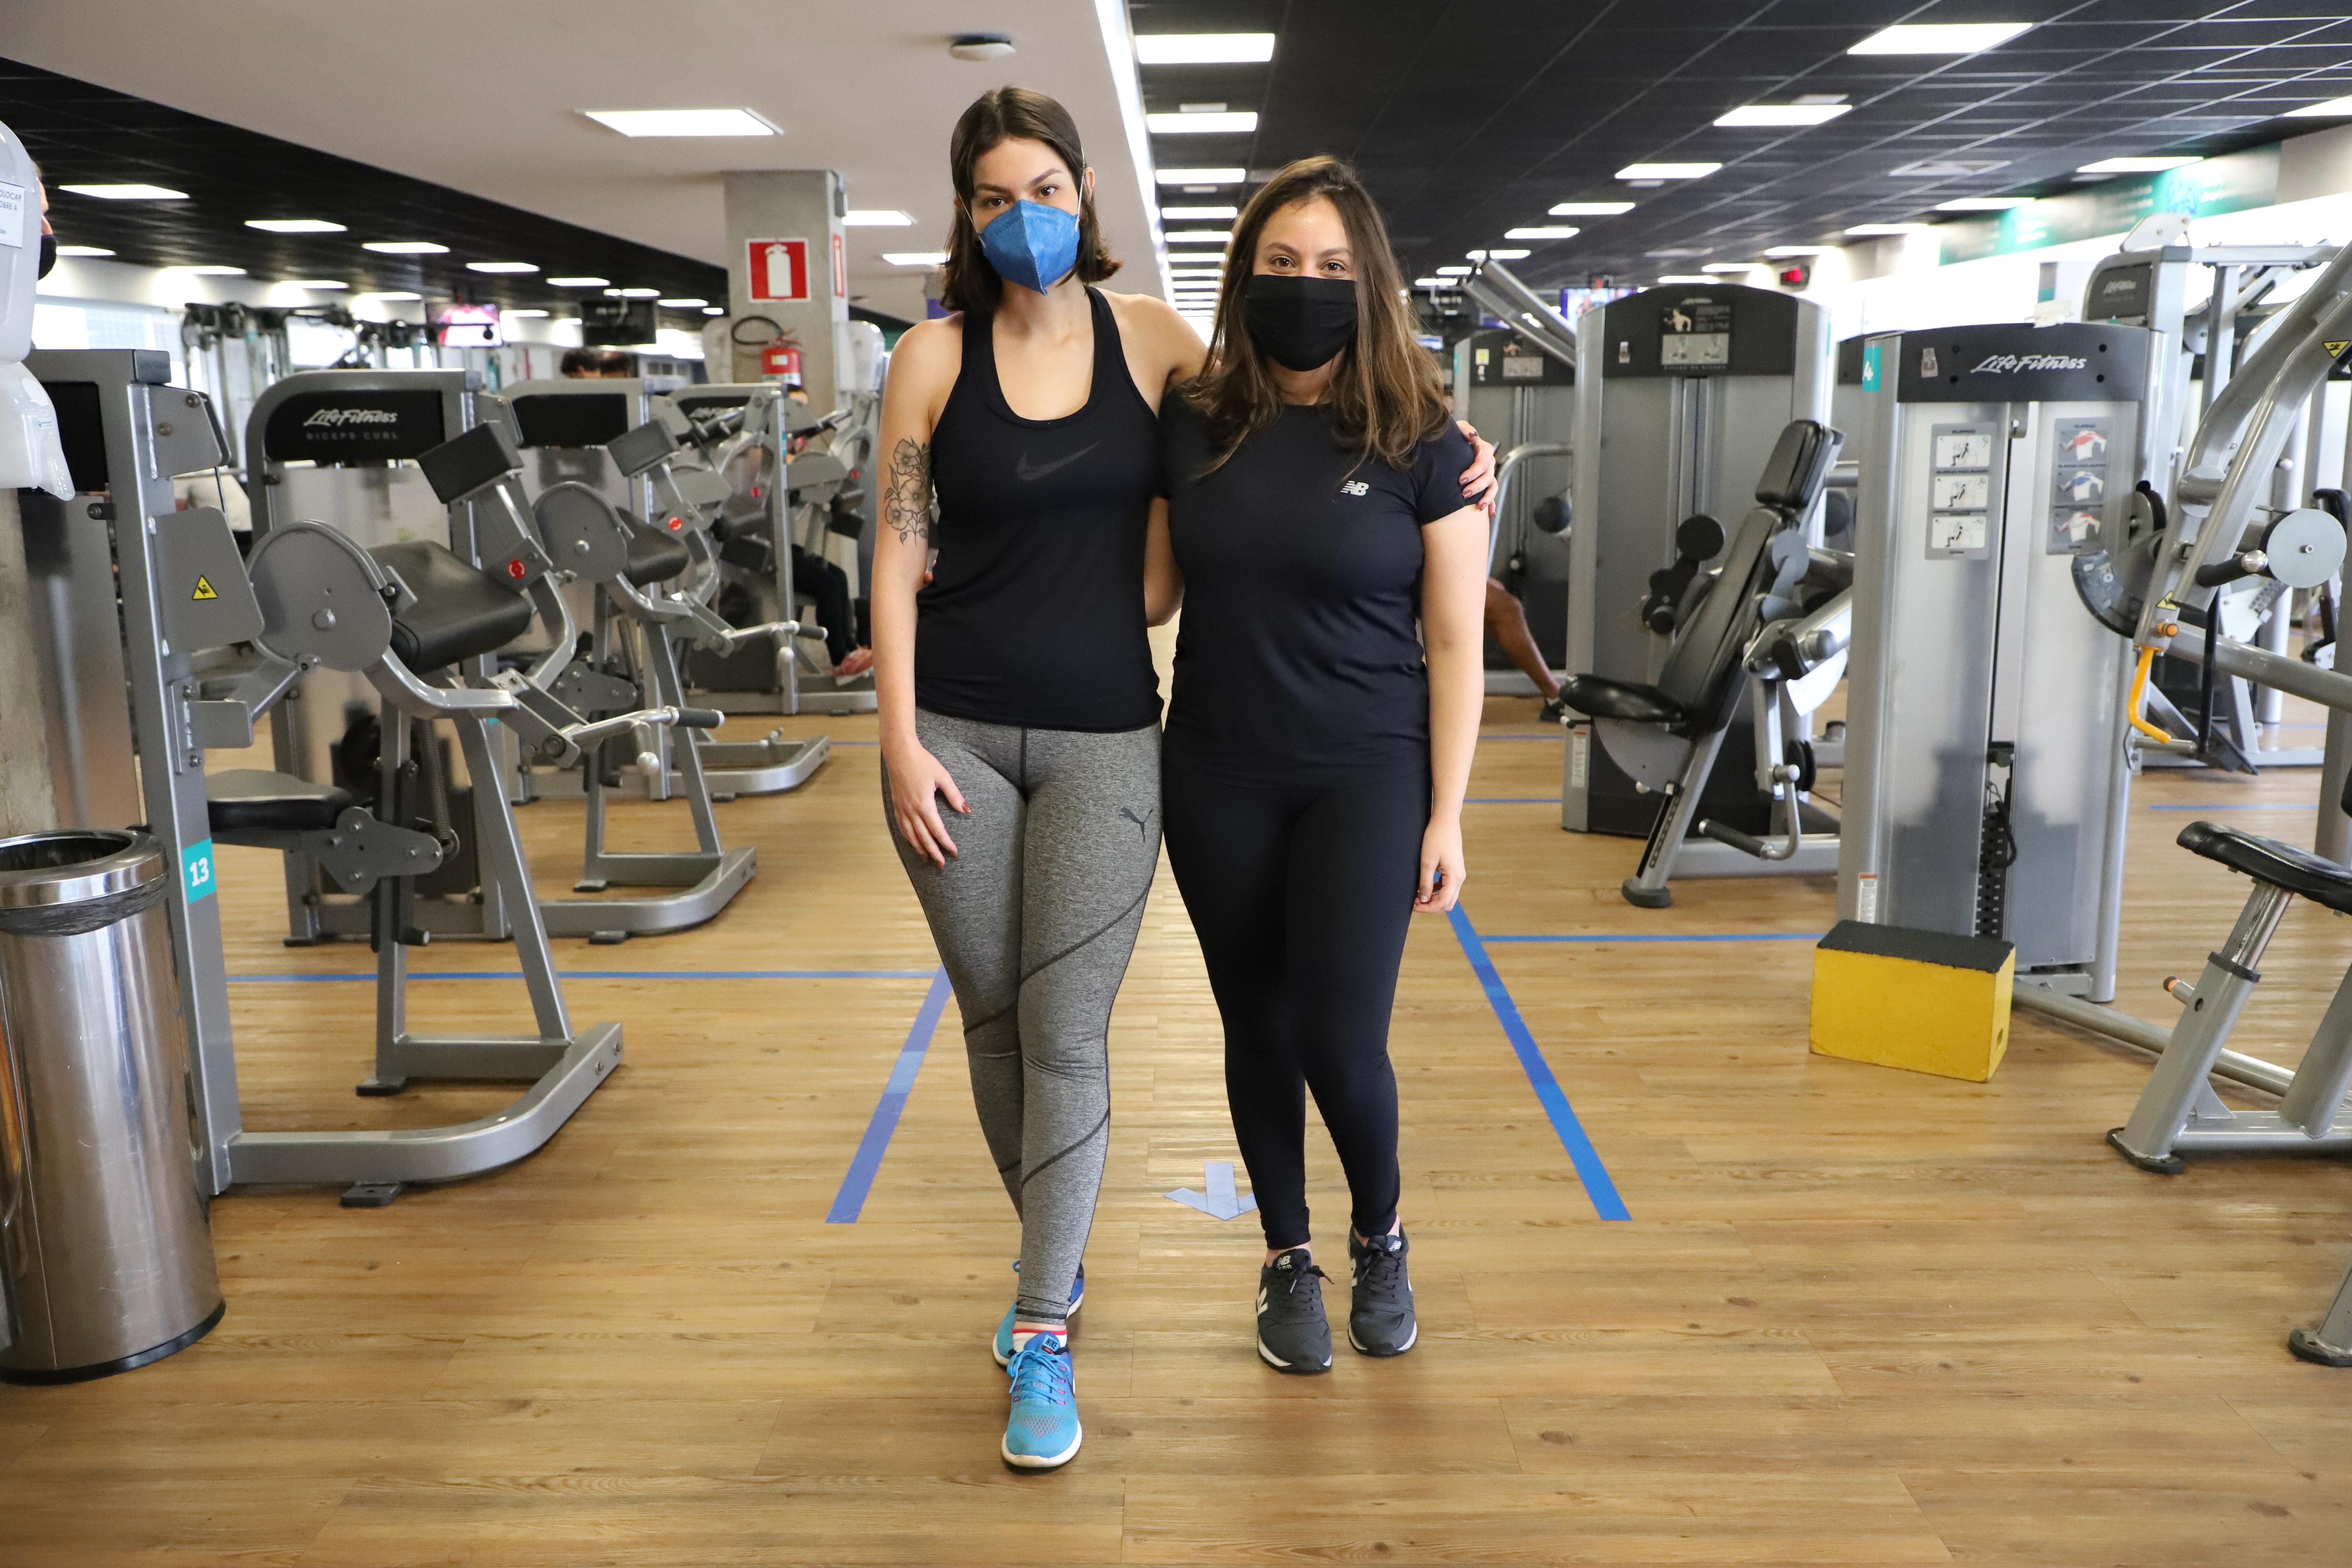 No Combo 4 em 1, as irmãs Letícia e Carolina estão descobrindo - e gostando - novas atividades físicas que nunca imaginavam praticar. Foto: Divulgação MTC